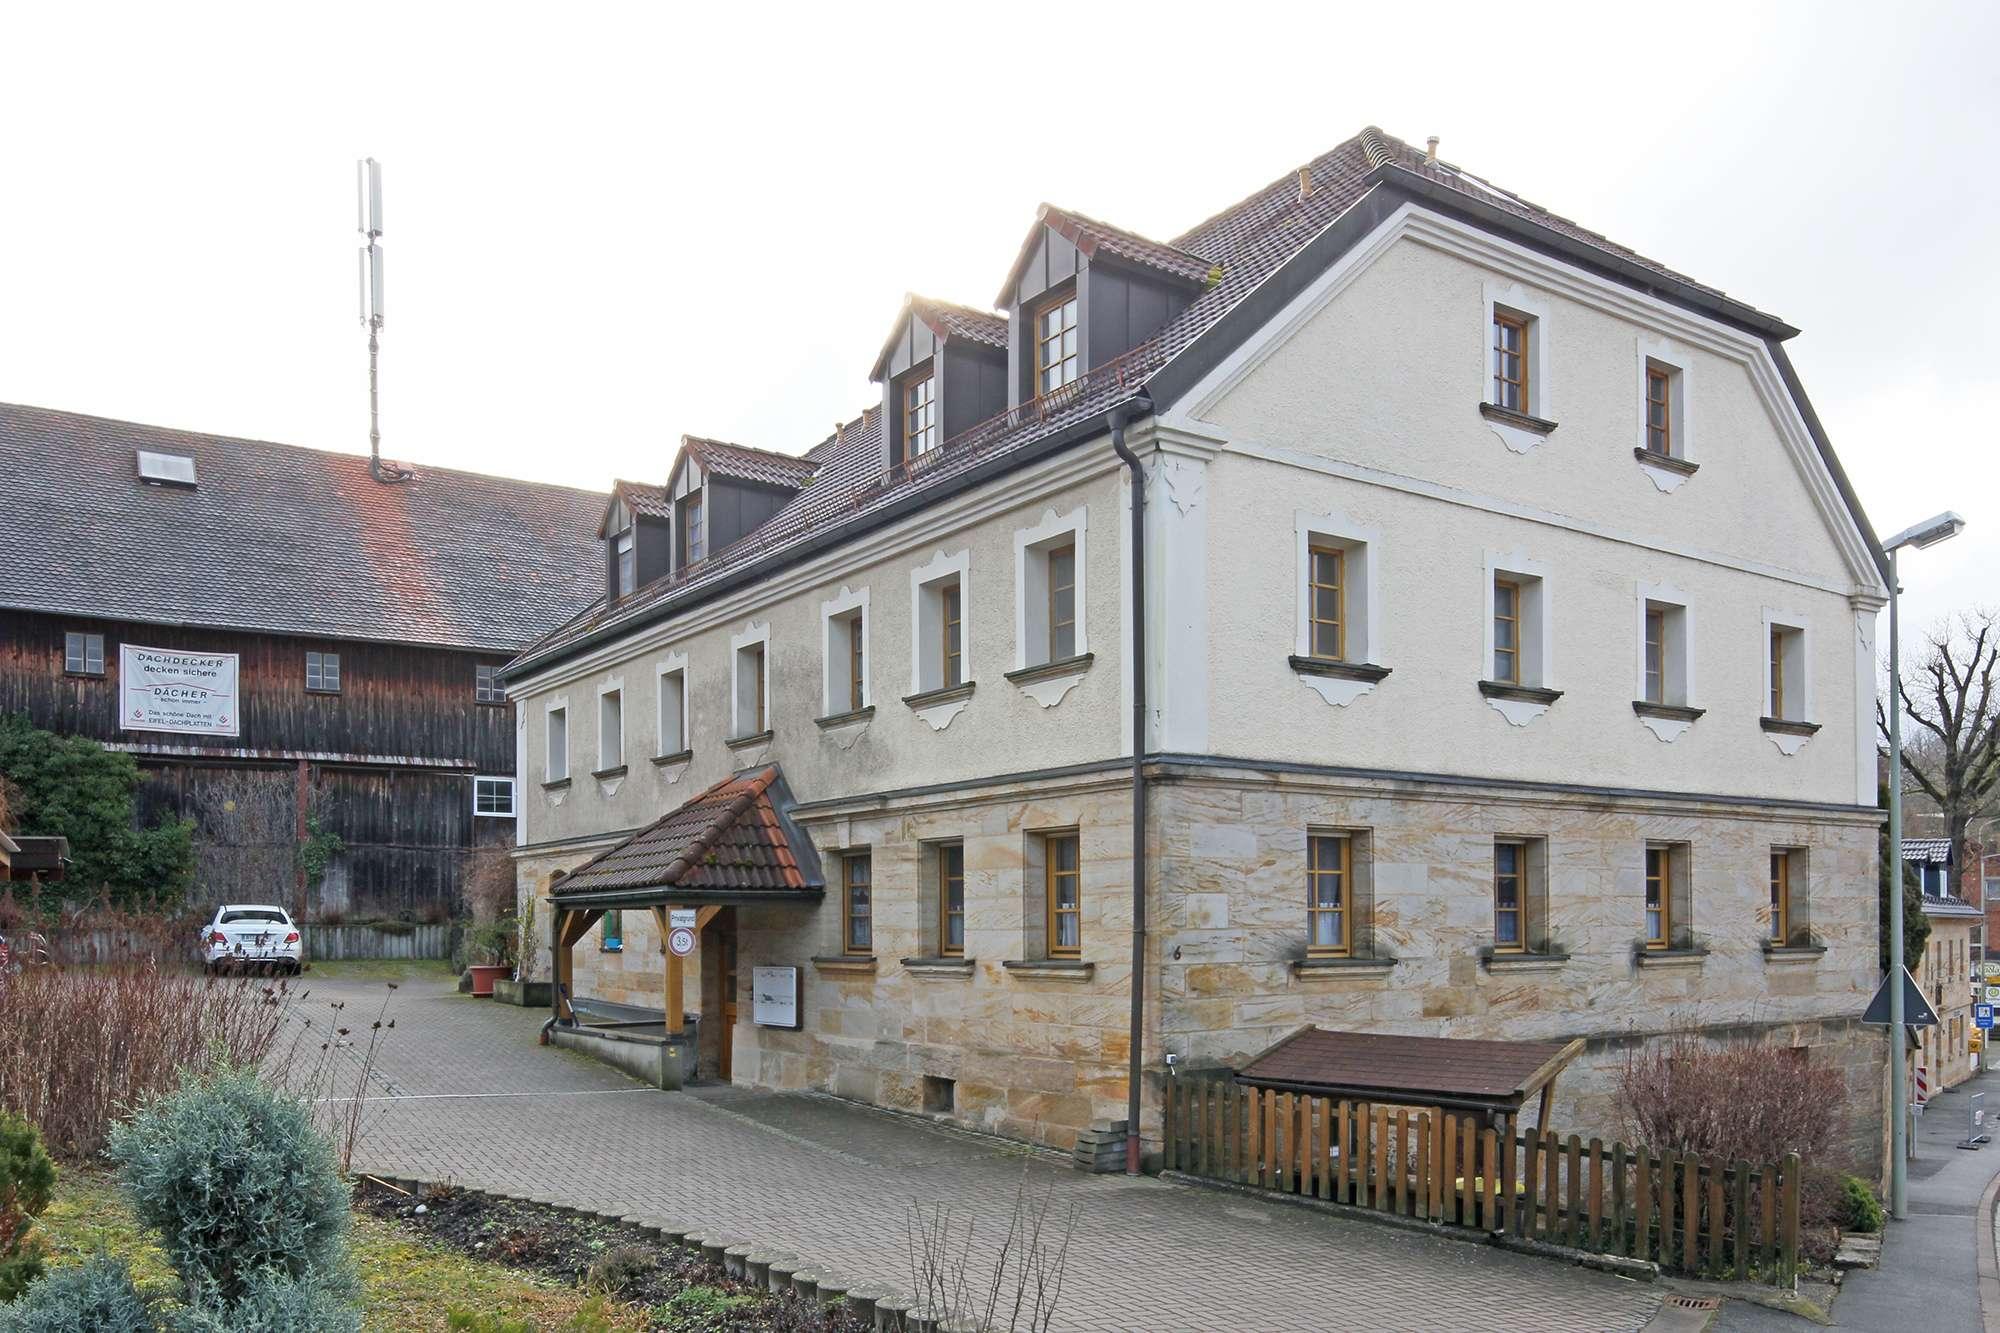 Gute Kapitalanlage: Schicke Eigentumswohnung in Gesees mit Balkon und Stellplatz!